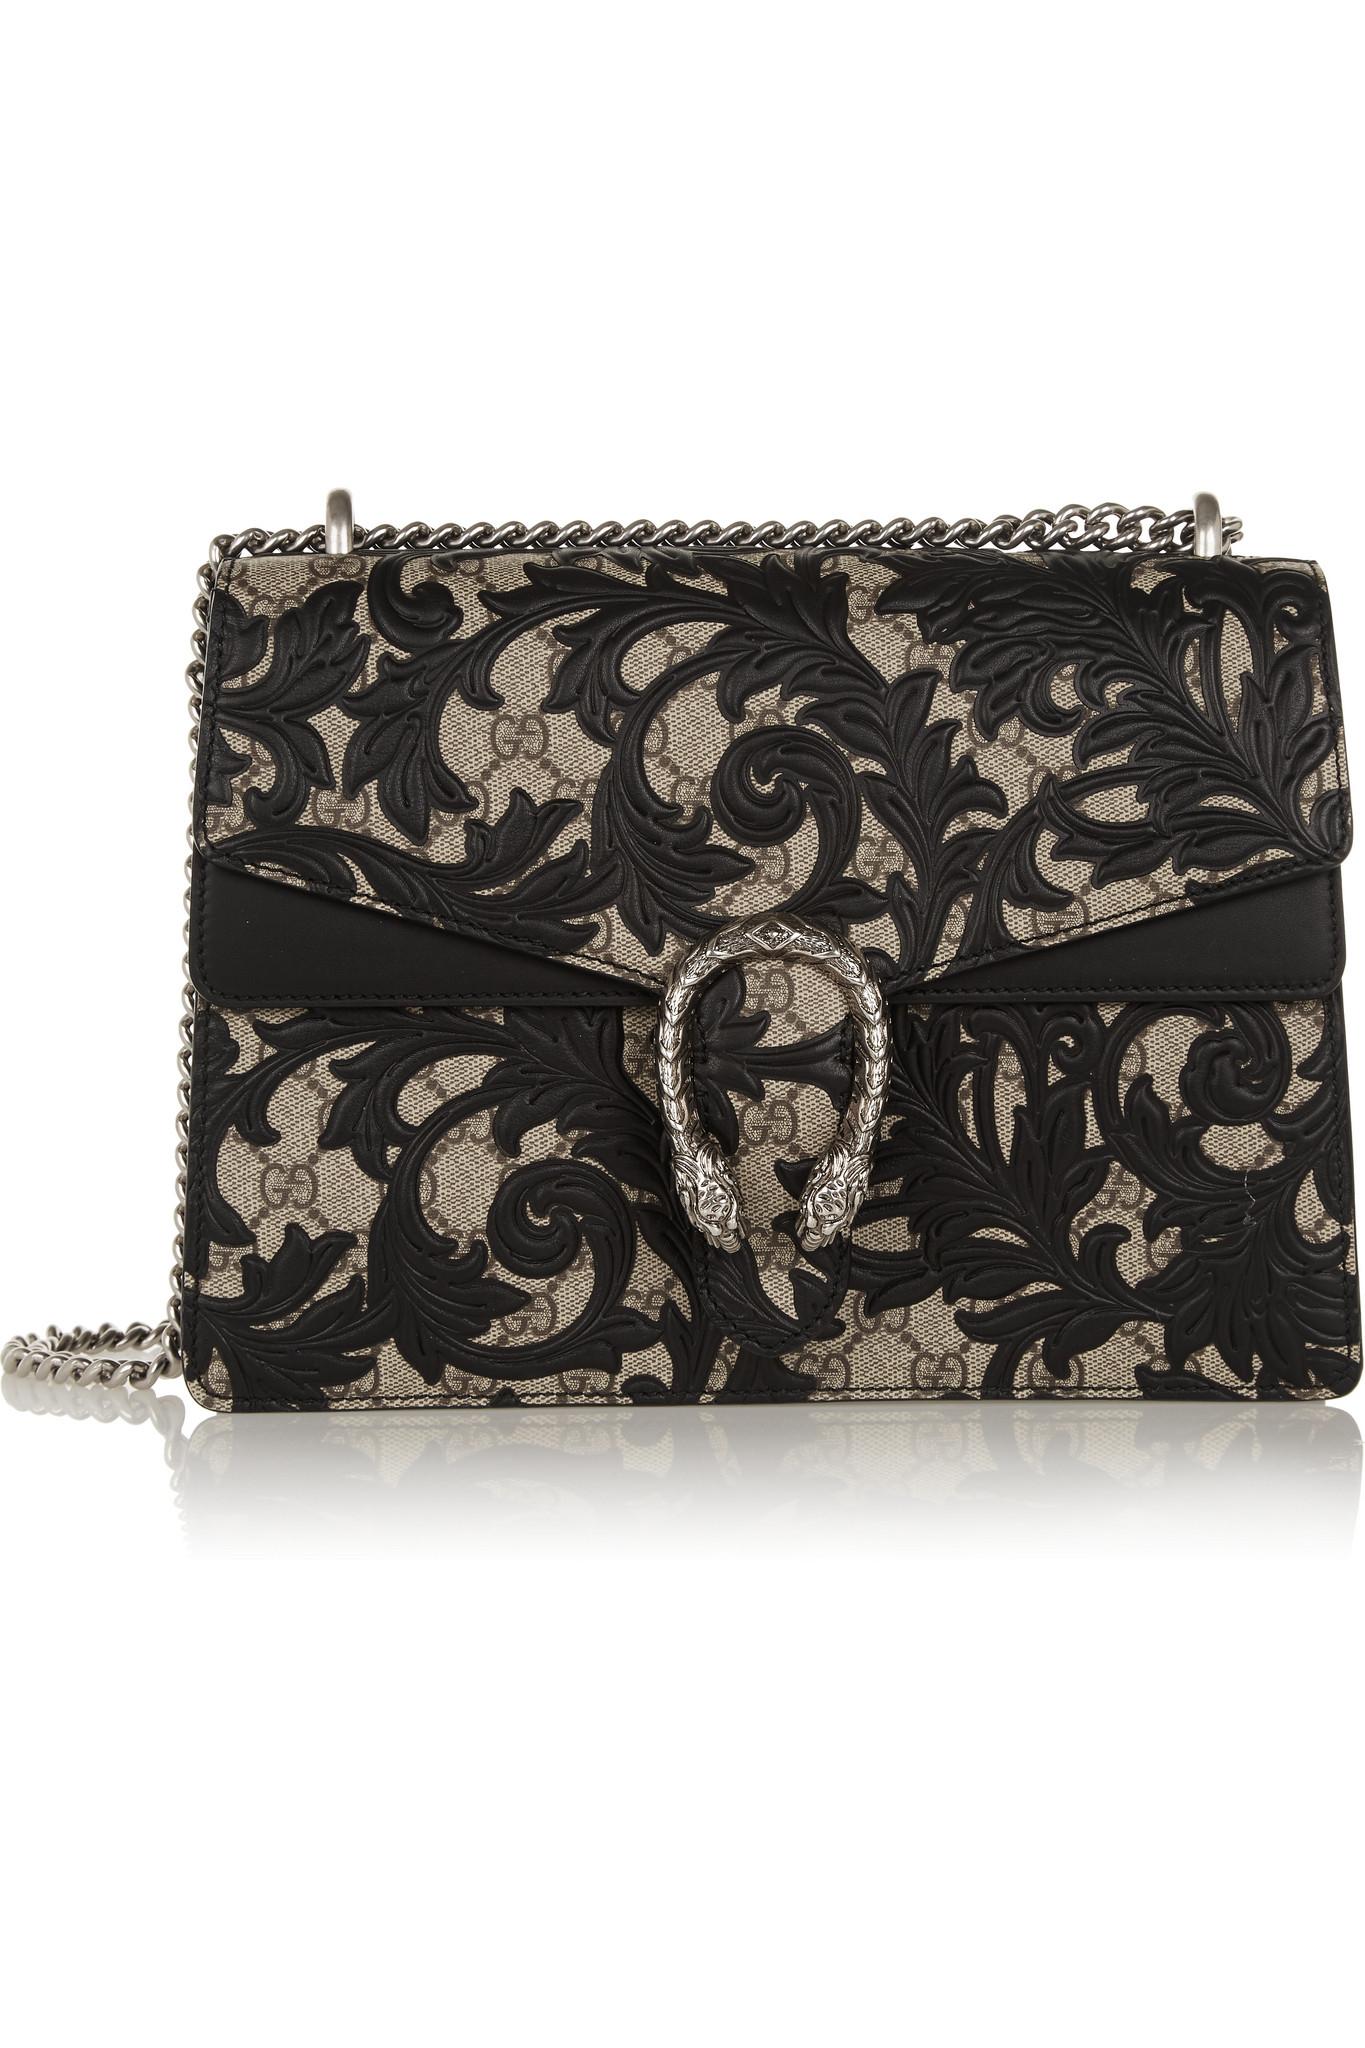 118e4fb19c93 Gucci Dionysus Black Leather Shoulder Bag | Stanford Center for ...